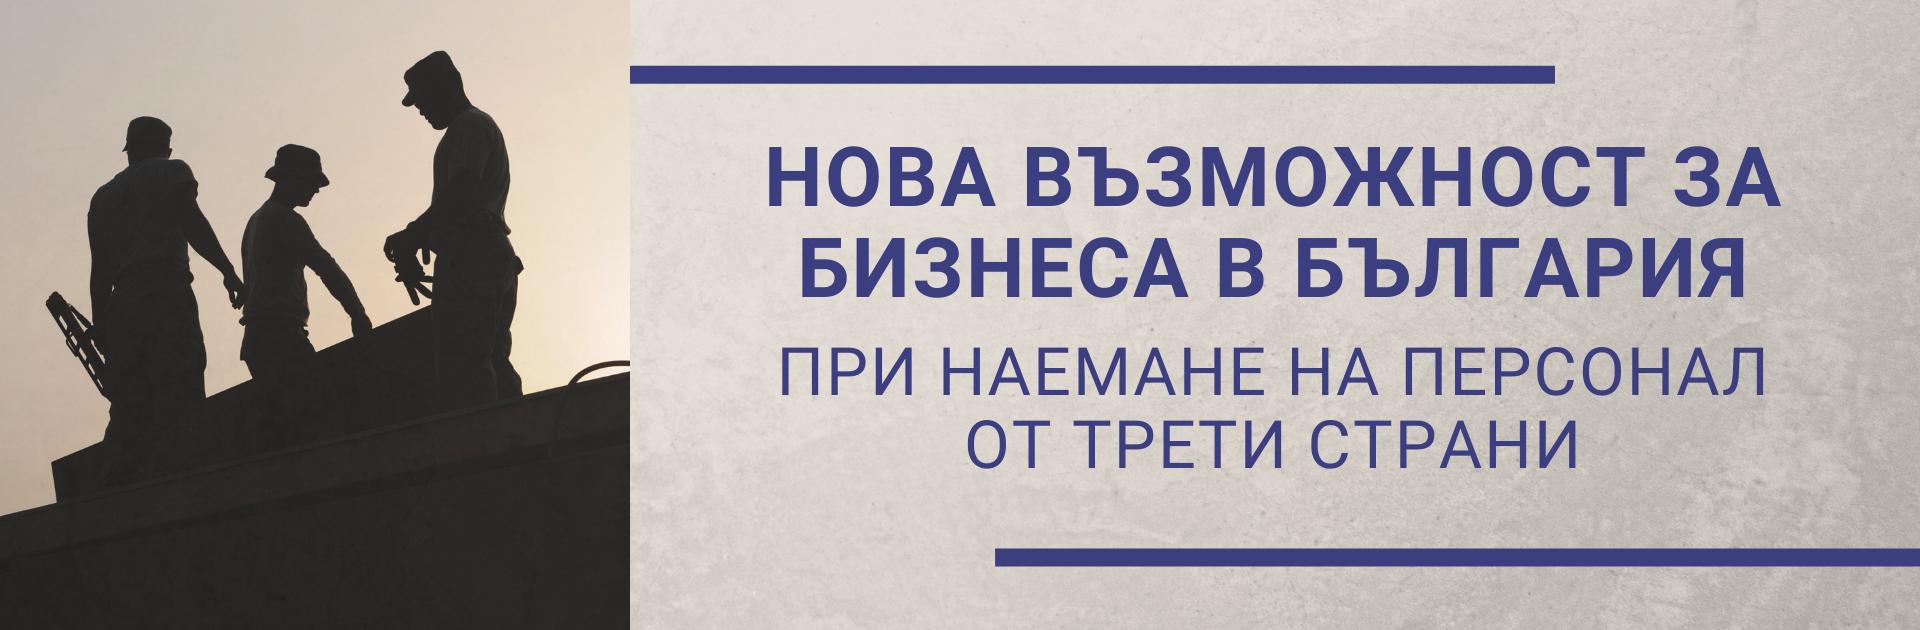 Българо-румънска търговско-промишлена палата